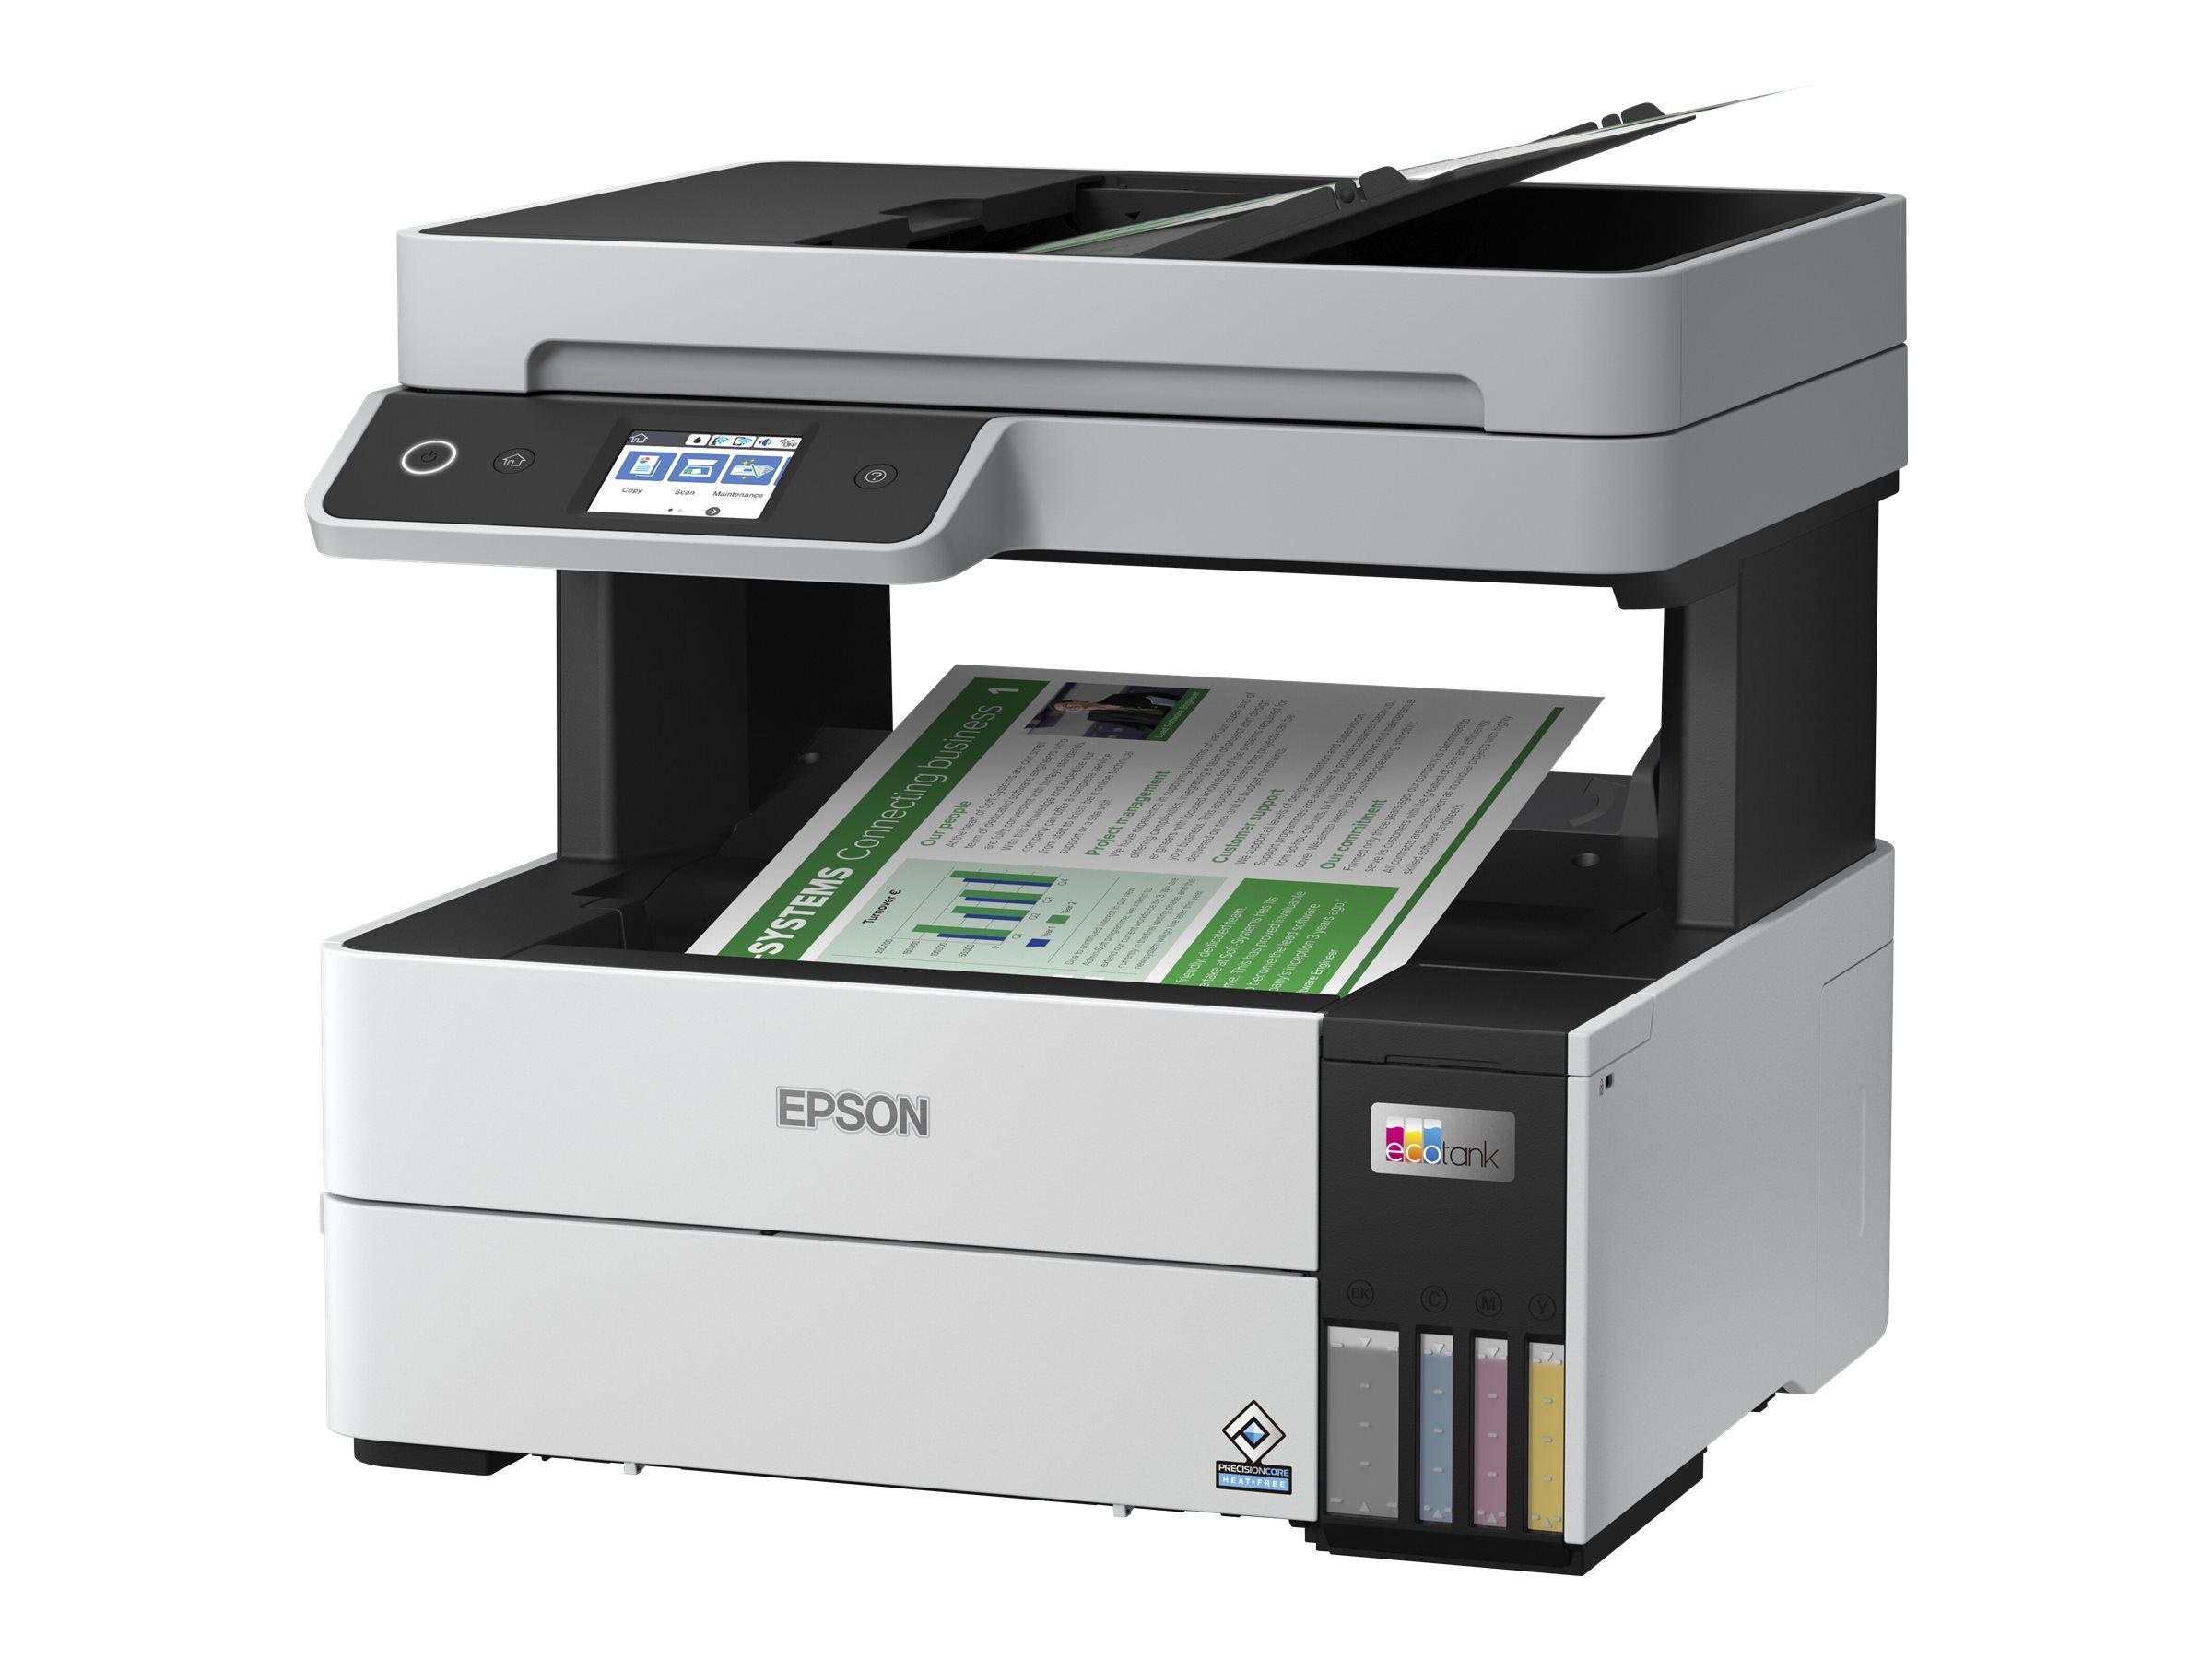 Epson EcoTank ET-5150 - Multifunktionsdrucker - Farbe - Tintenstrahl - A4/Legal (Medien) - bis zu 17.5 Seiten/Min. (Drucken)